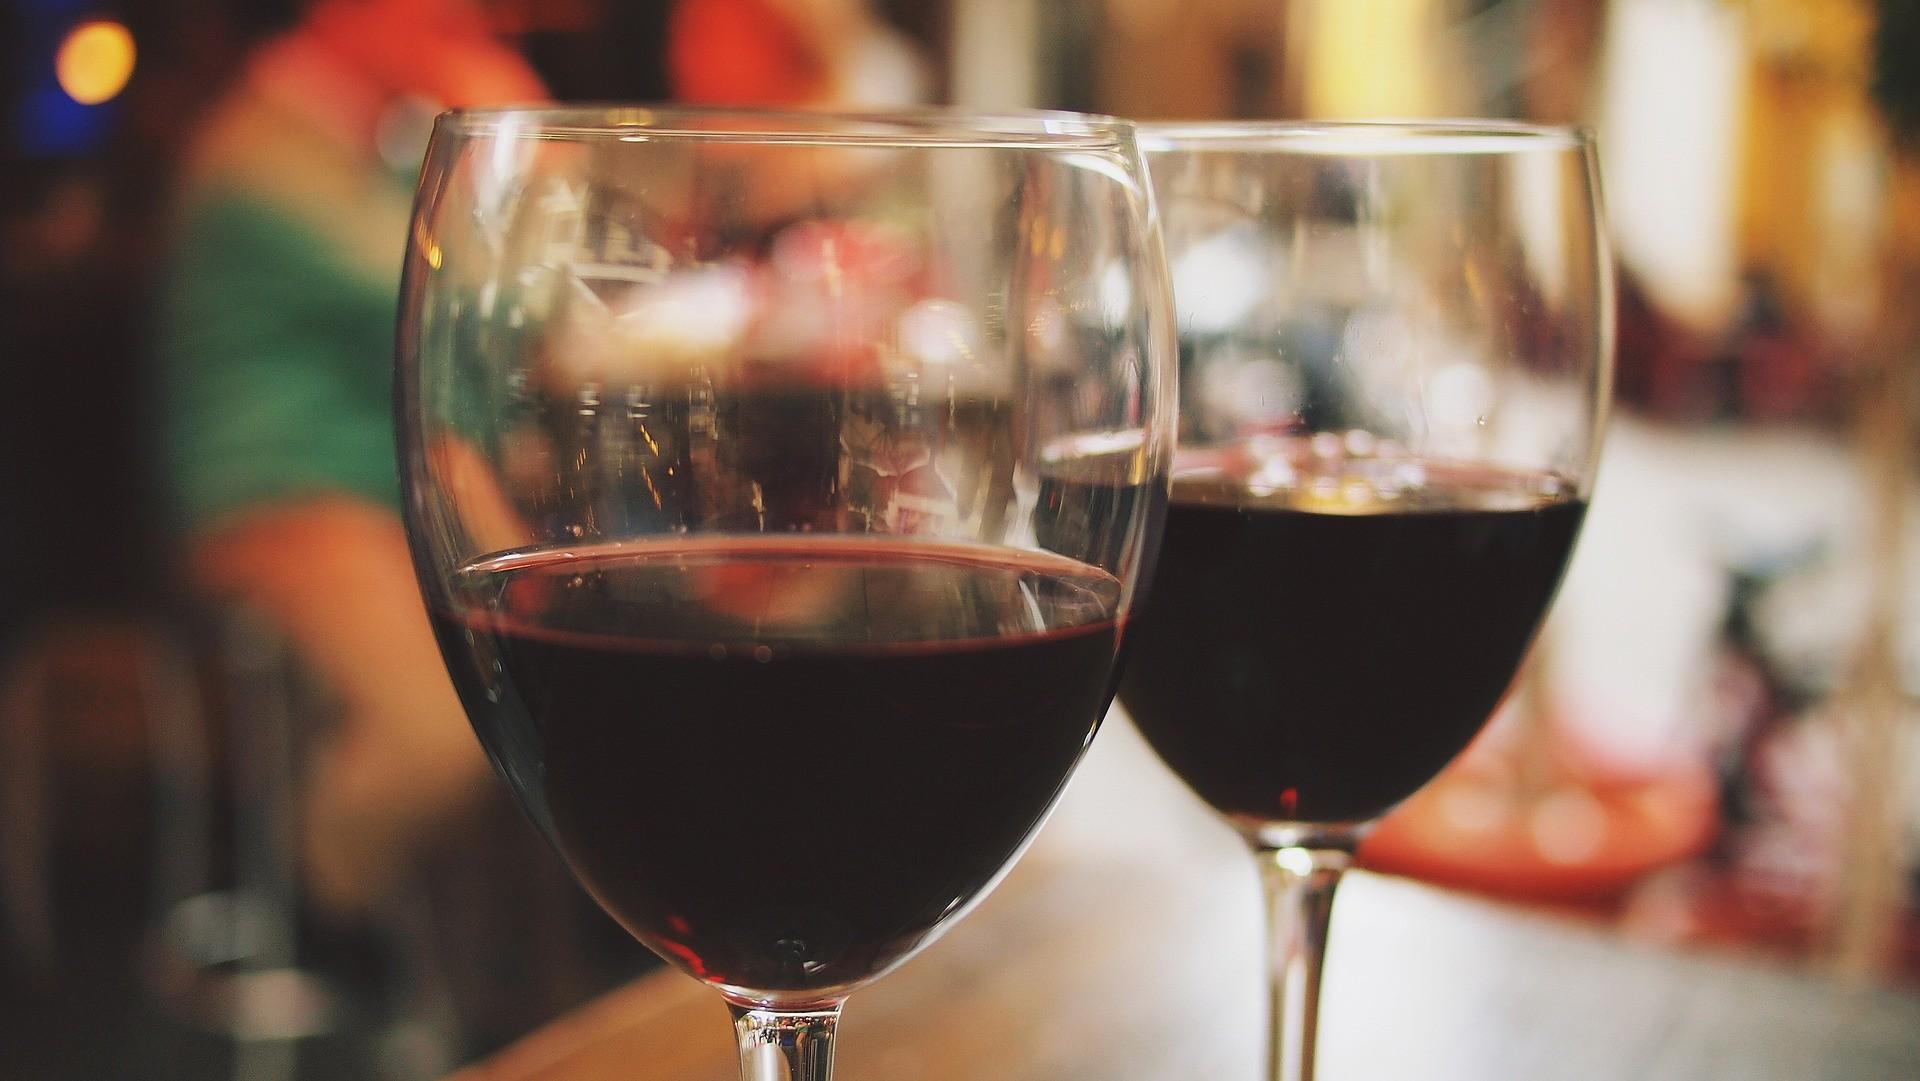 Pesquisa indica que filhos de alcoólatras têm mais chances de casar com pessoas com o mesmo distúrbio (Foto: Pixabay)